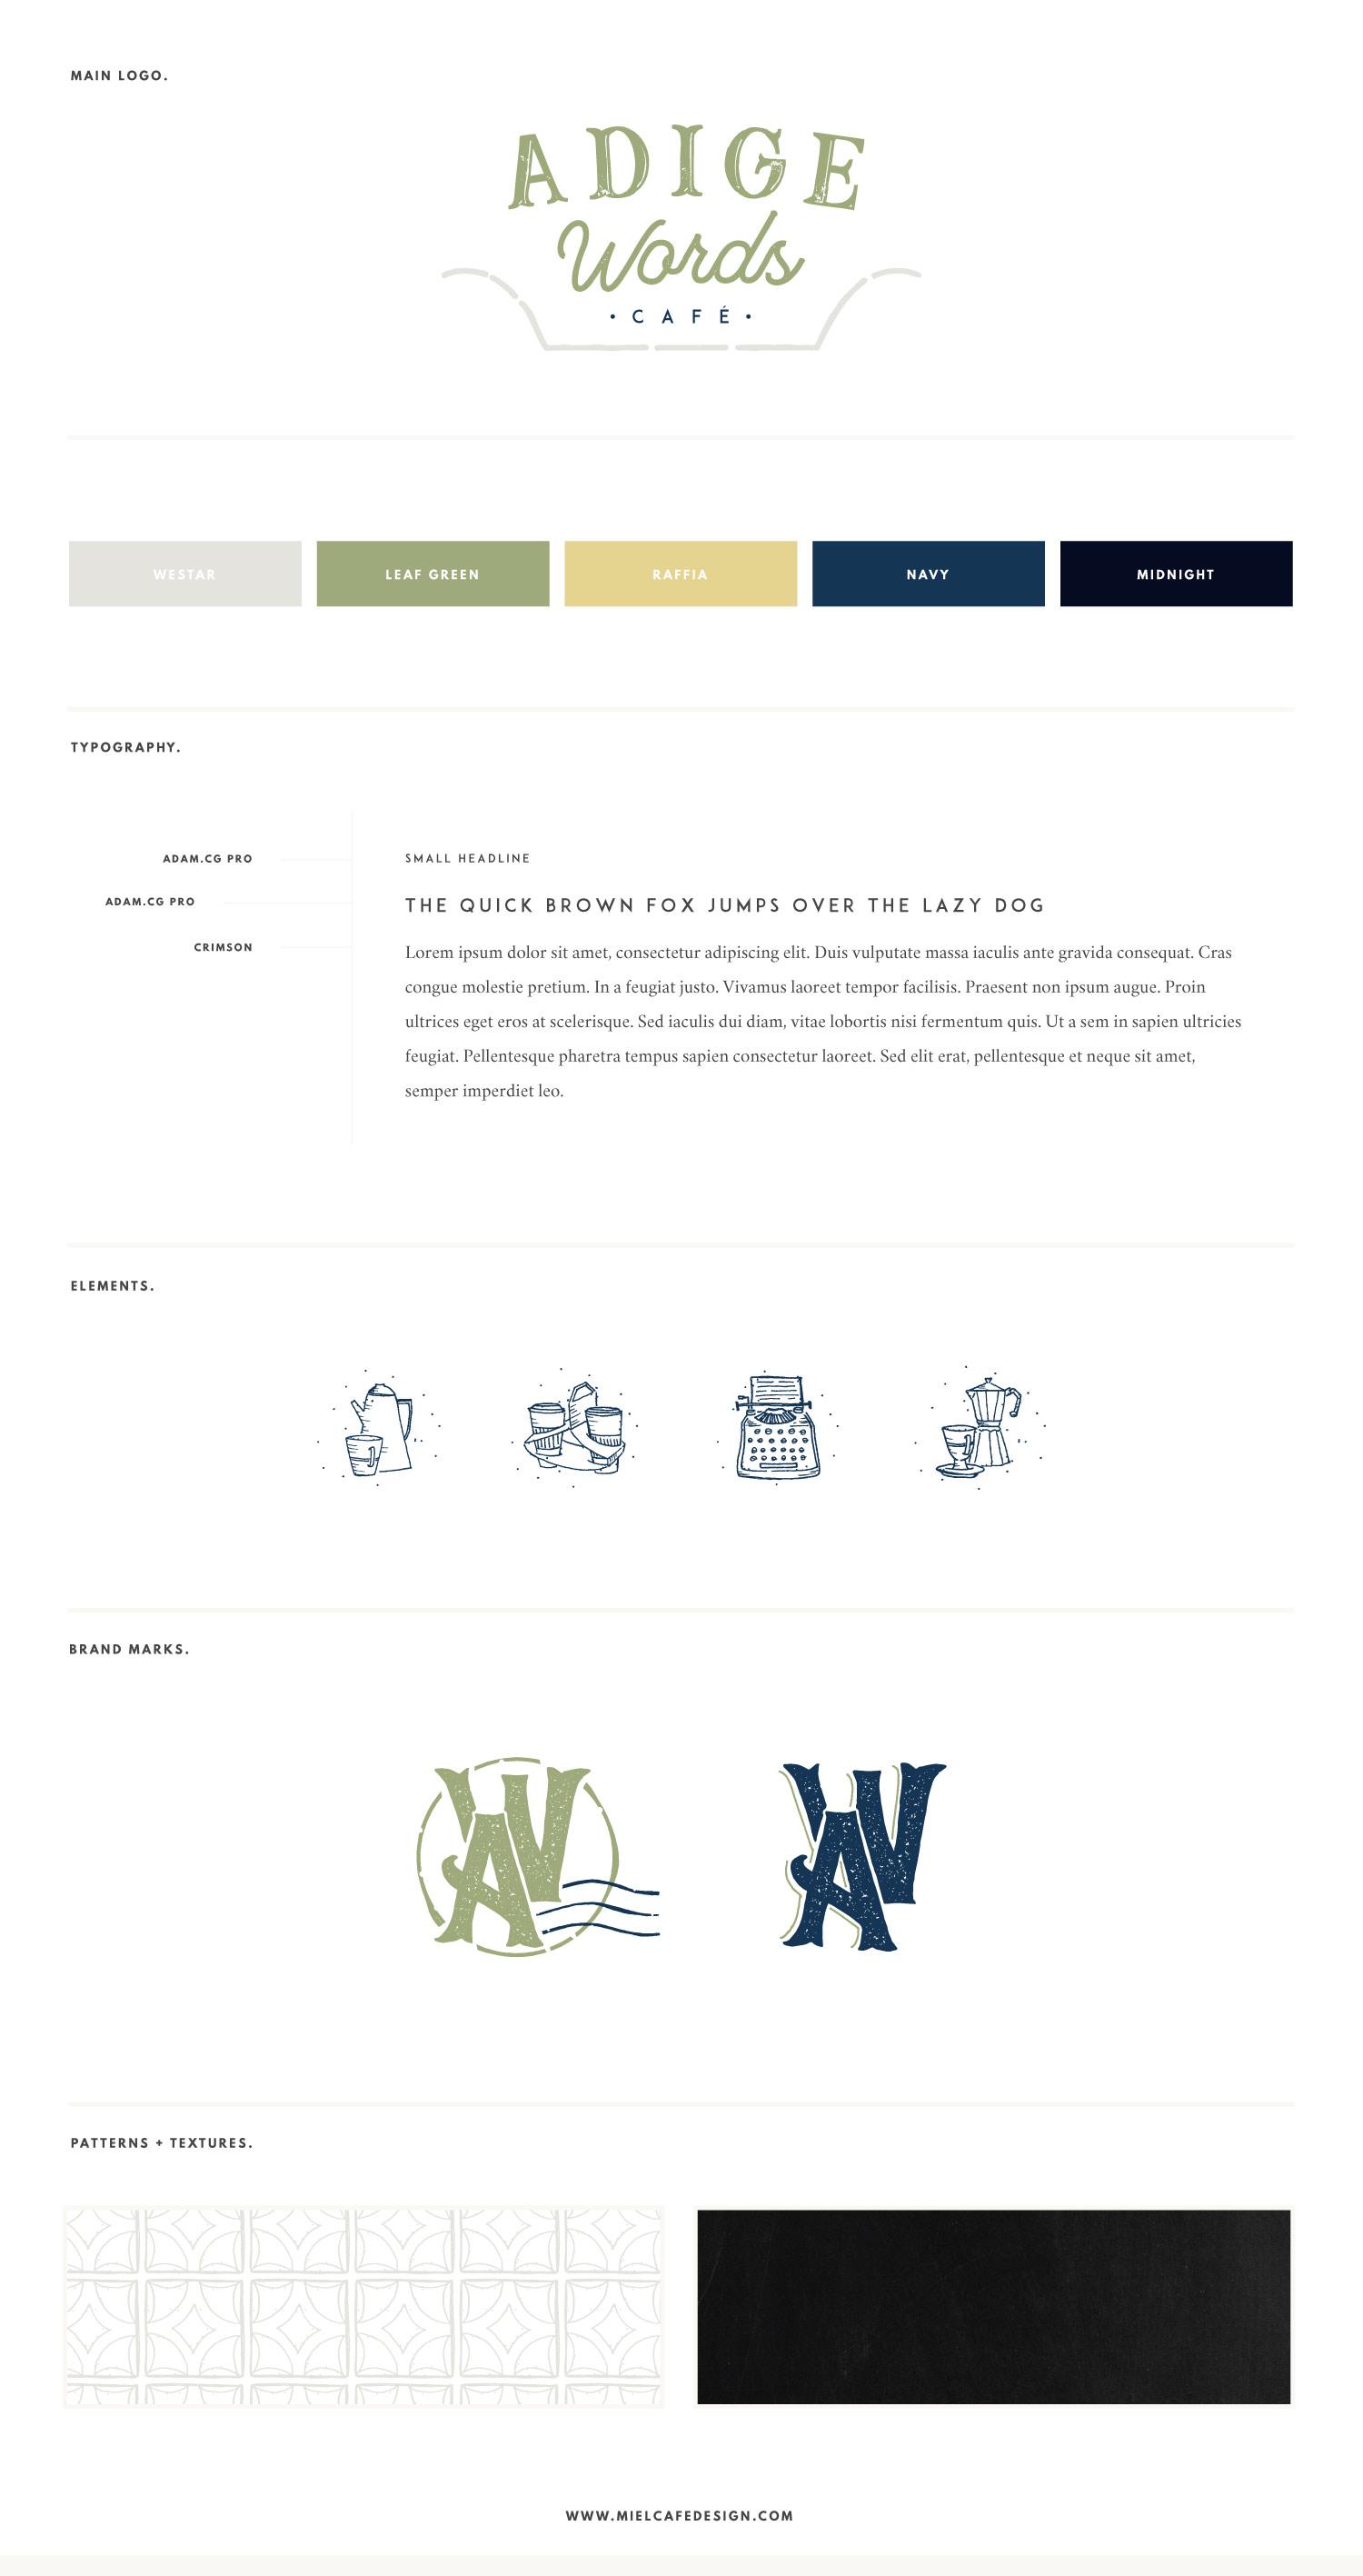 Miel Café Design Portfolio: cafè-themed hipster brand board for copywriter Adige Words Café